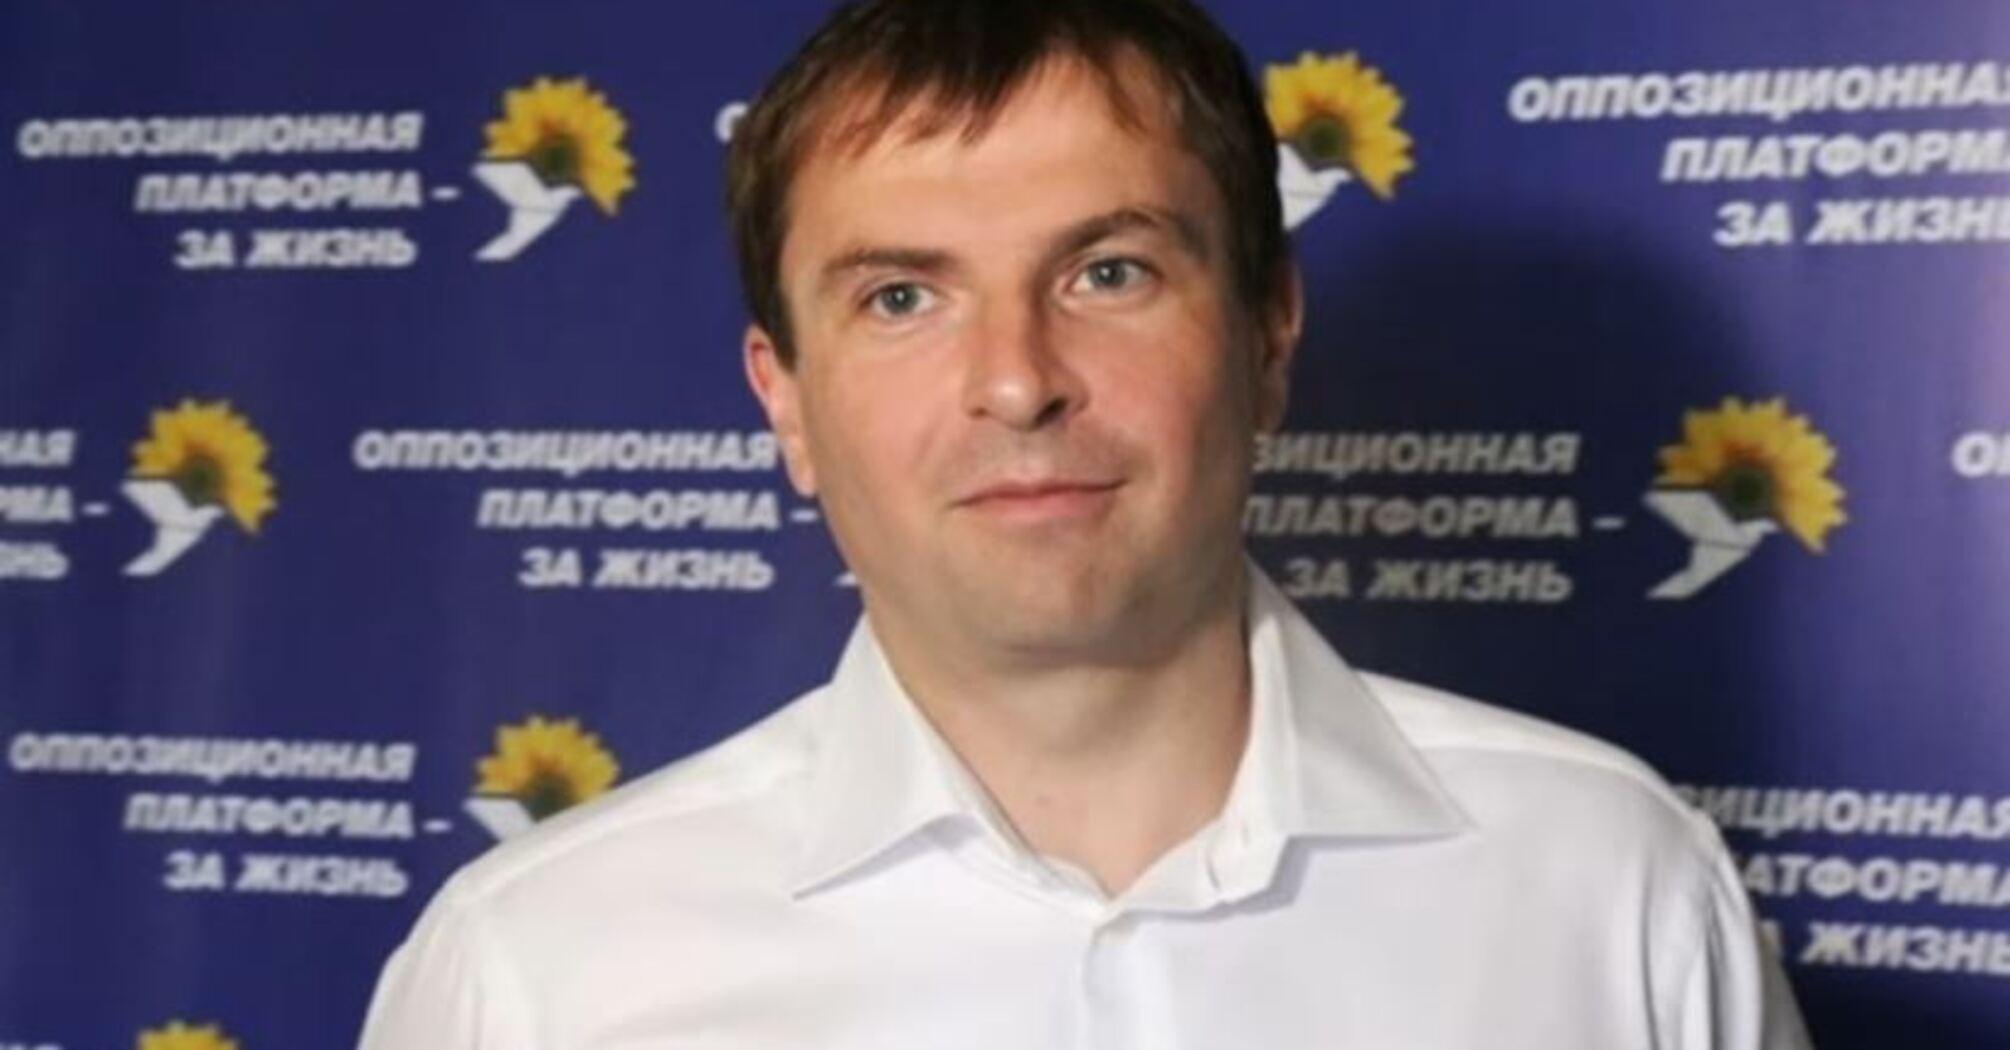 Депутат ОПЗЖ Христенко прогуляв у Москві $1 млн в компанії кримінального авторитета, відео